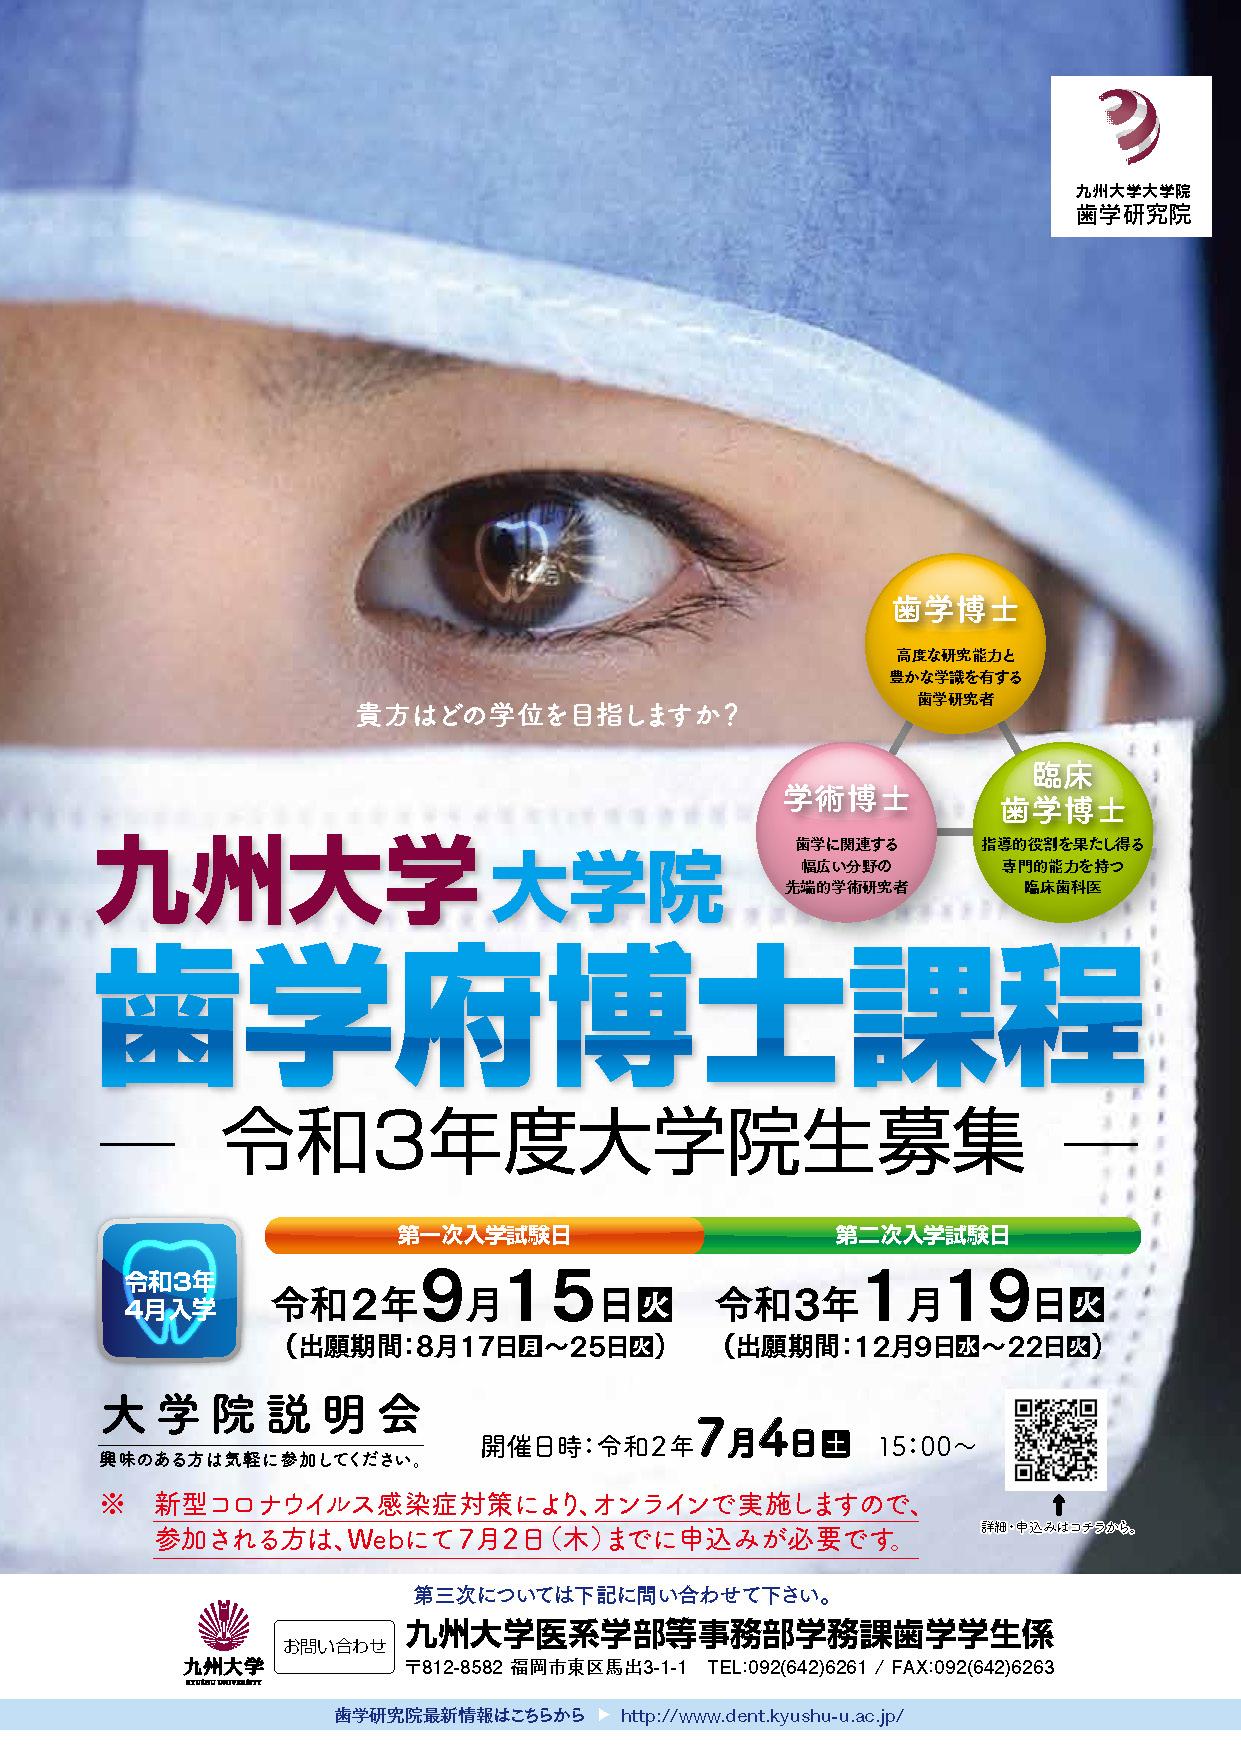 九州大学大学院歯学府博士課程 令和2年度大学院生募集